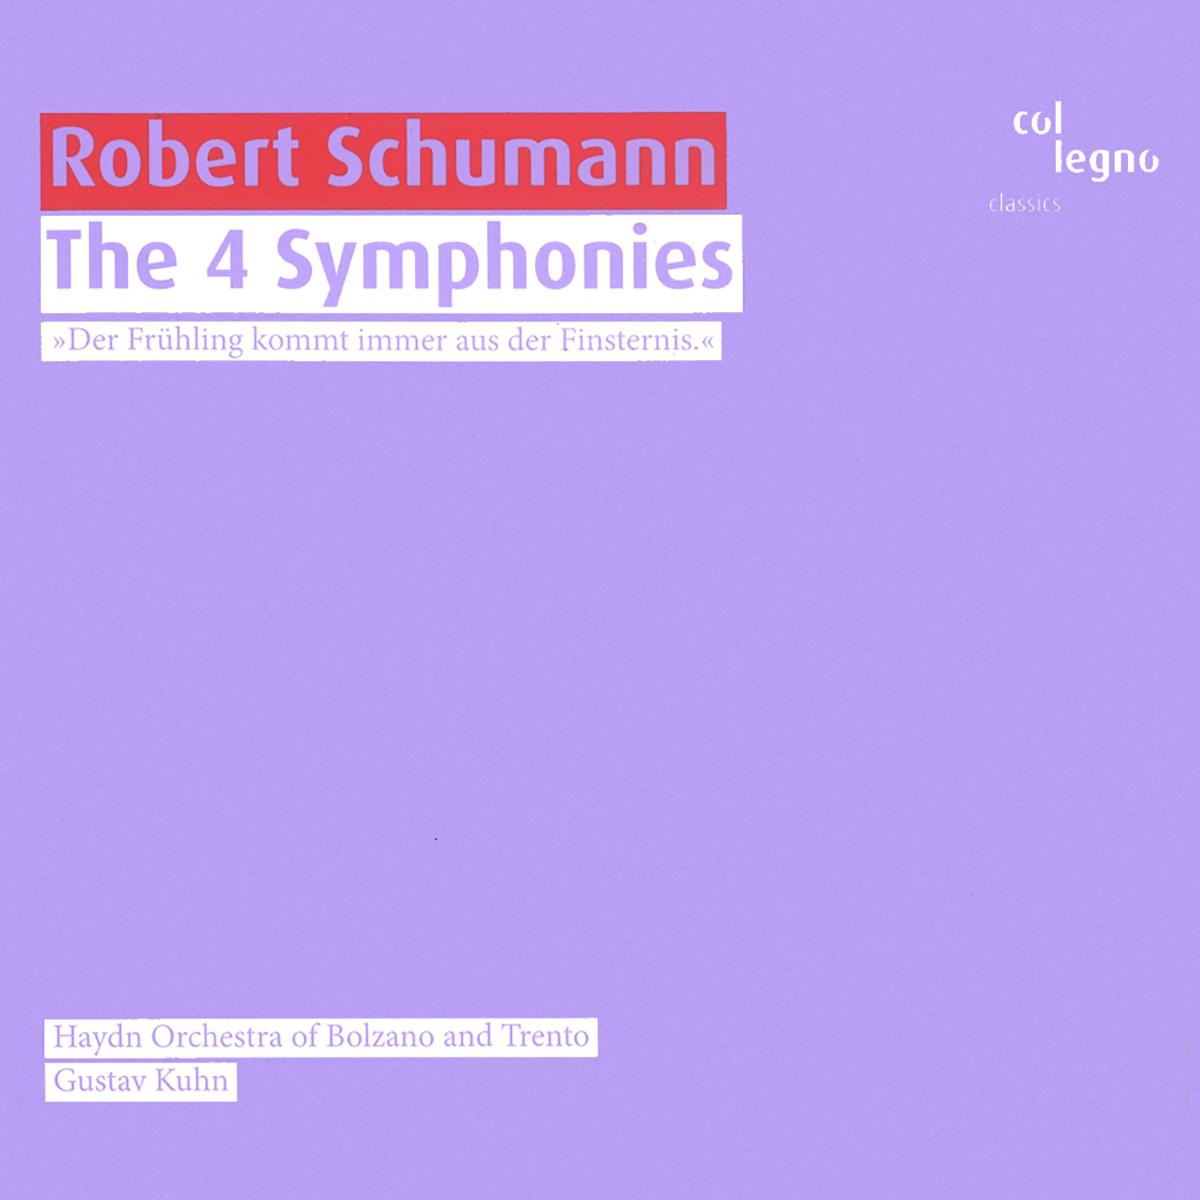 Robert Schumann - The 4 Symphonies